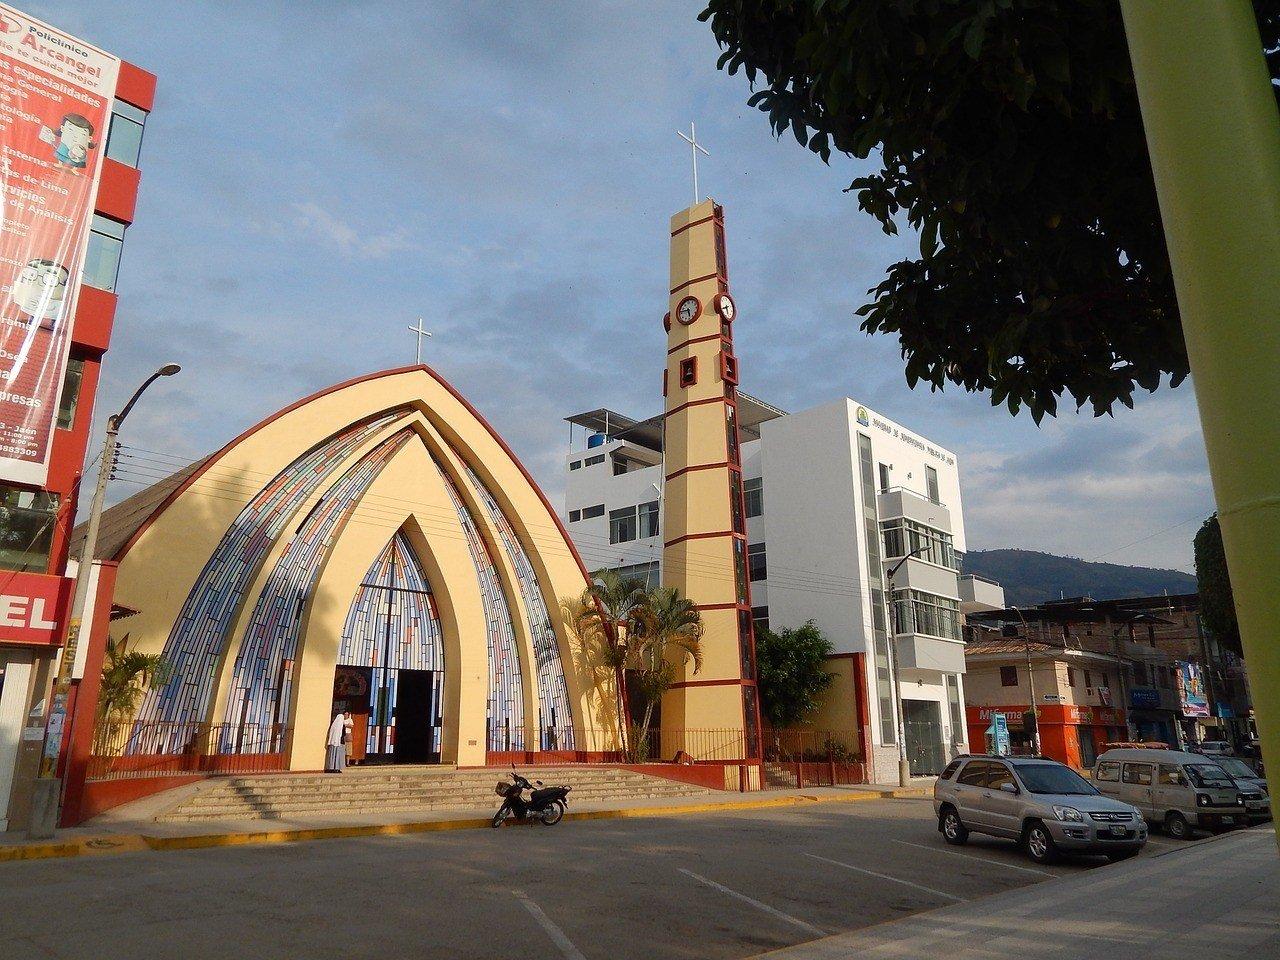 peru - Cajamarca